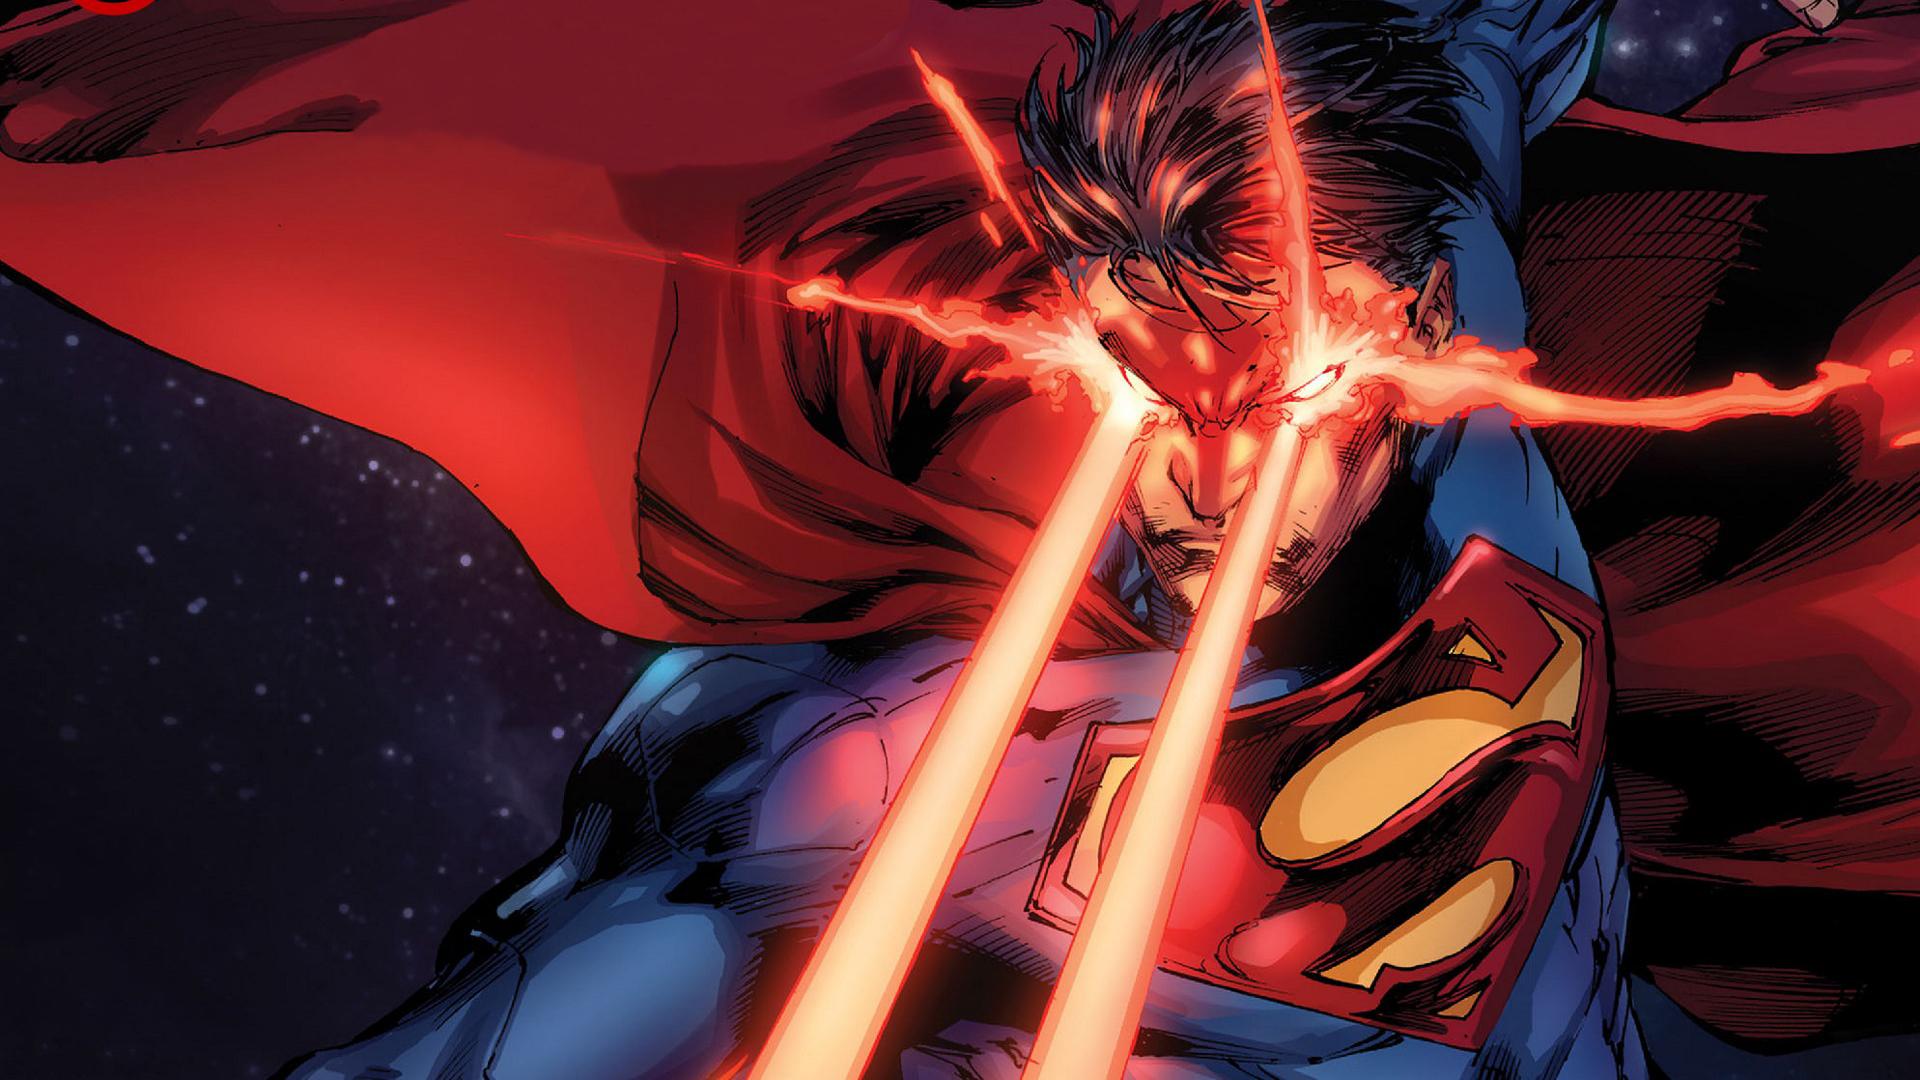 Wallpaper Dc Comics Superman 1920x1080 6itachi9